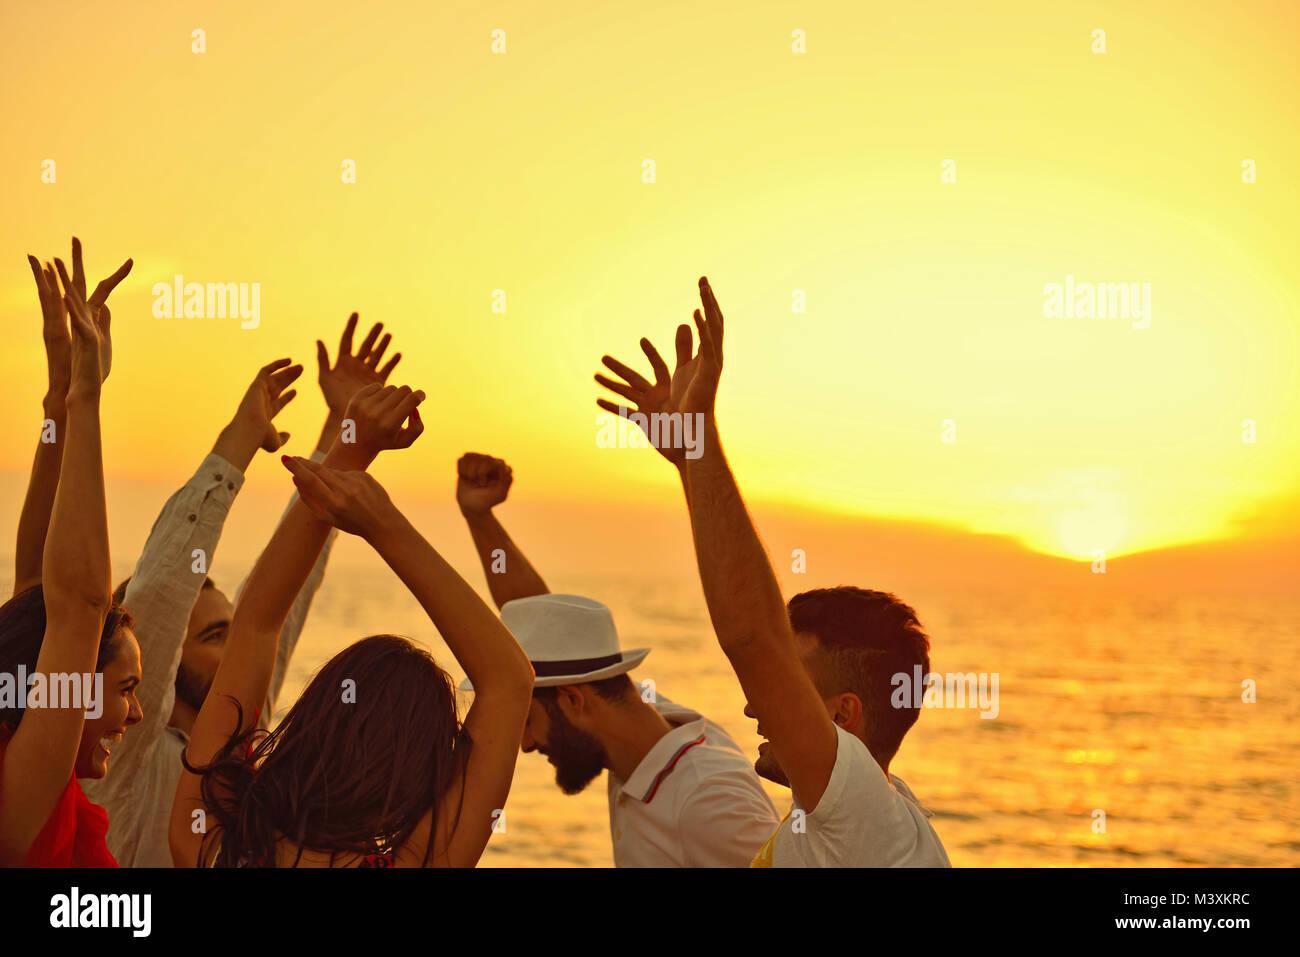 Persone celebrazione festa sulla spiaggia vacanze Estate Concetto di vacanza Immagini Stock